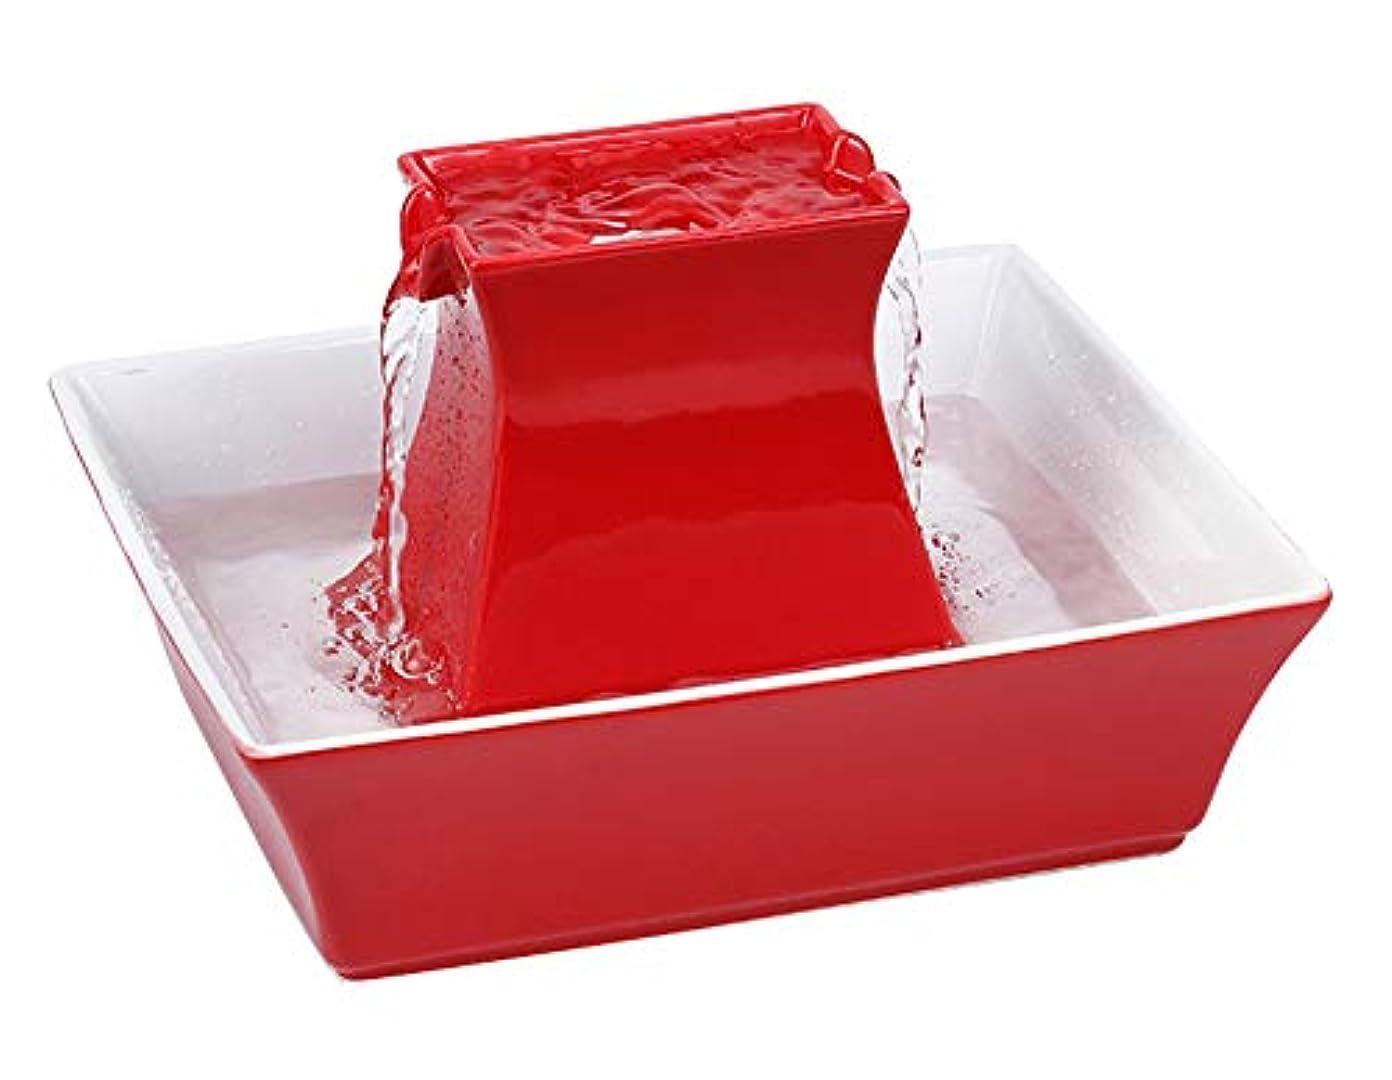 ペット自動給水器セラミックス自動サイクル噴水猫犬飲用噴水2L大容量(赤、30 * 30 * 21cm)